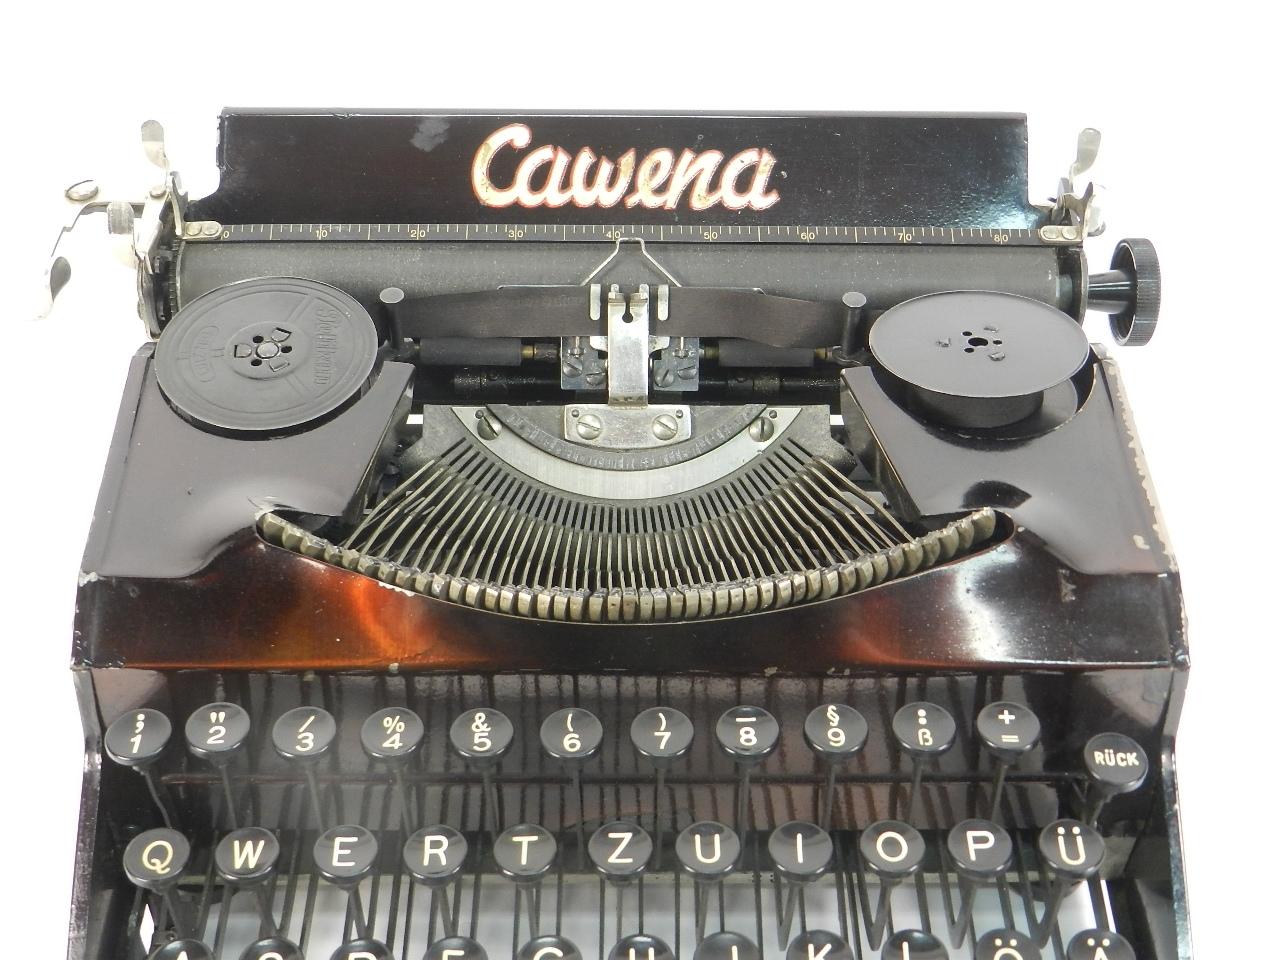 Imagen RARA CAWENA (G&O)  AÑO 1939 42174